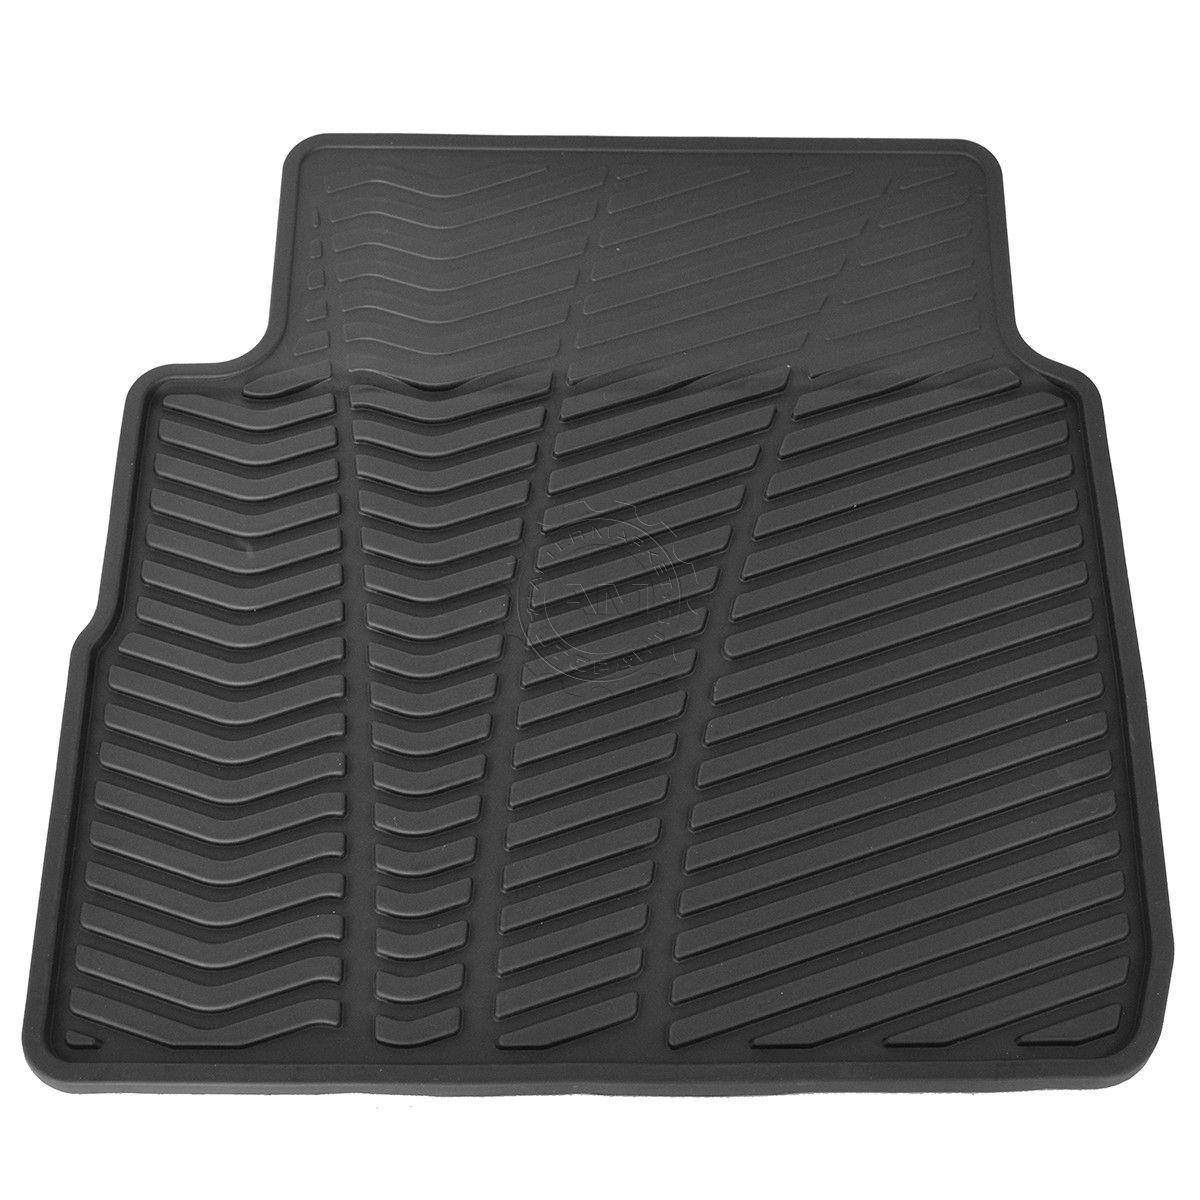 hyundai car mats floor grey sonata